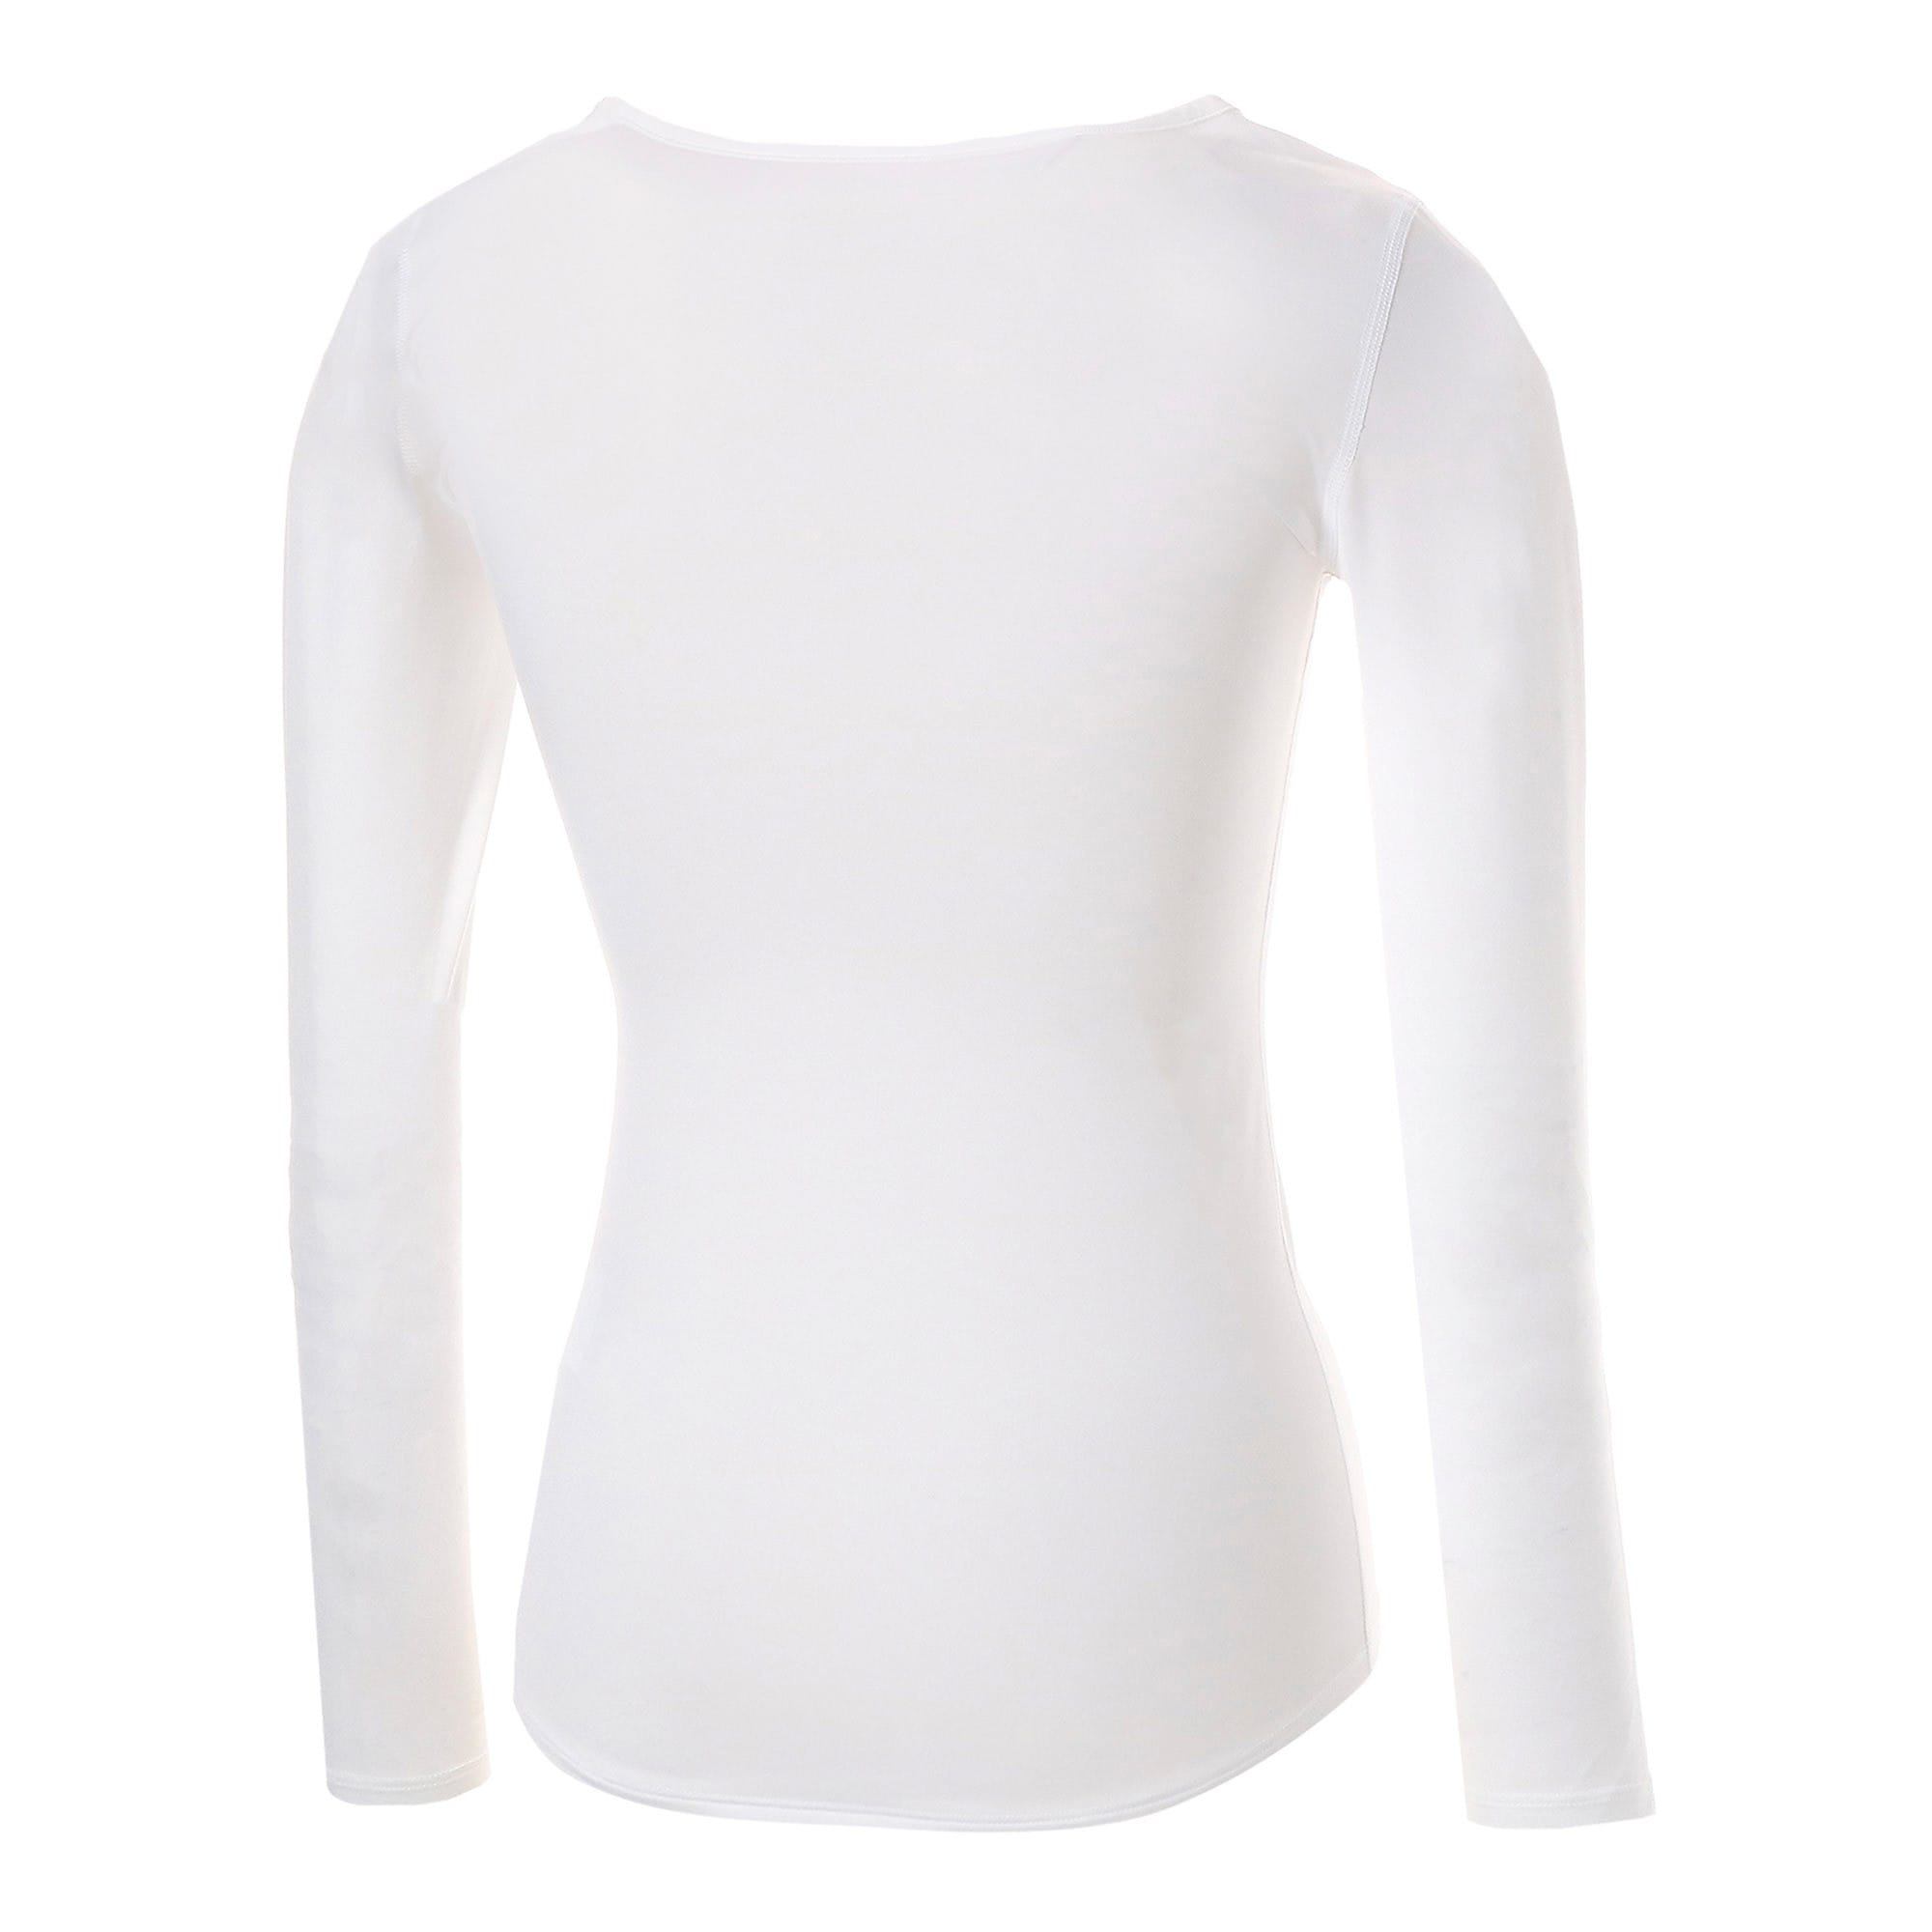 Thumbnail 3 of テック ライト LS ウィメンズ トレーニング Tシャツ 長袖, Puma White, medium-JPN